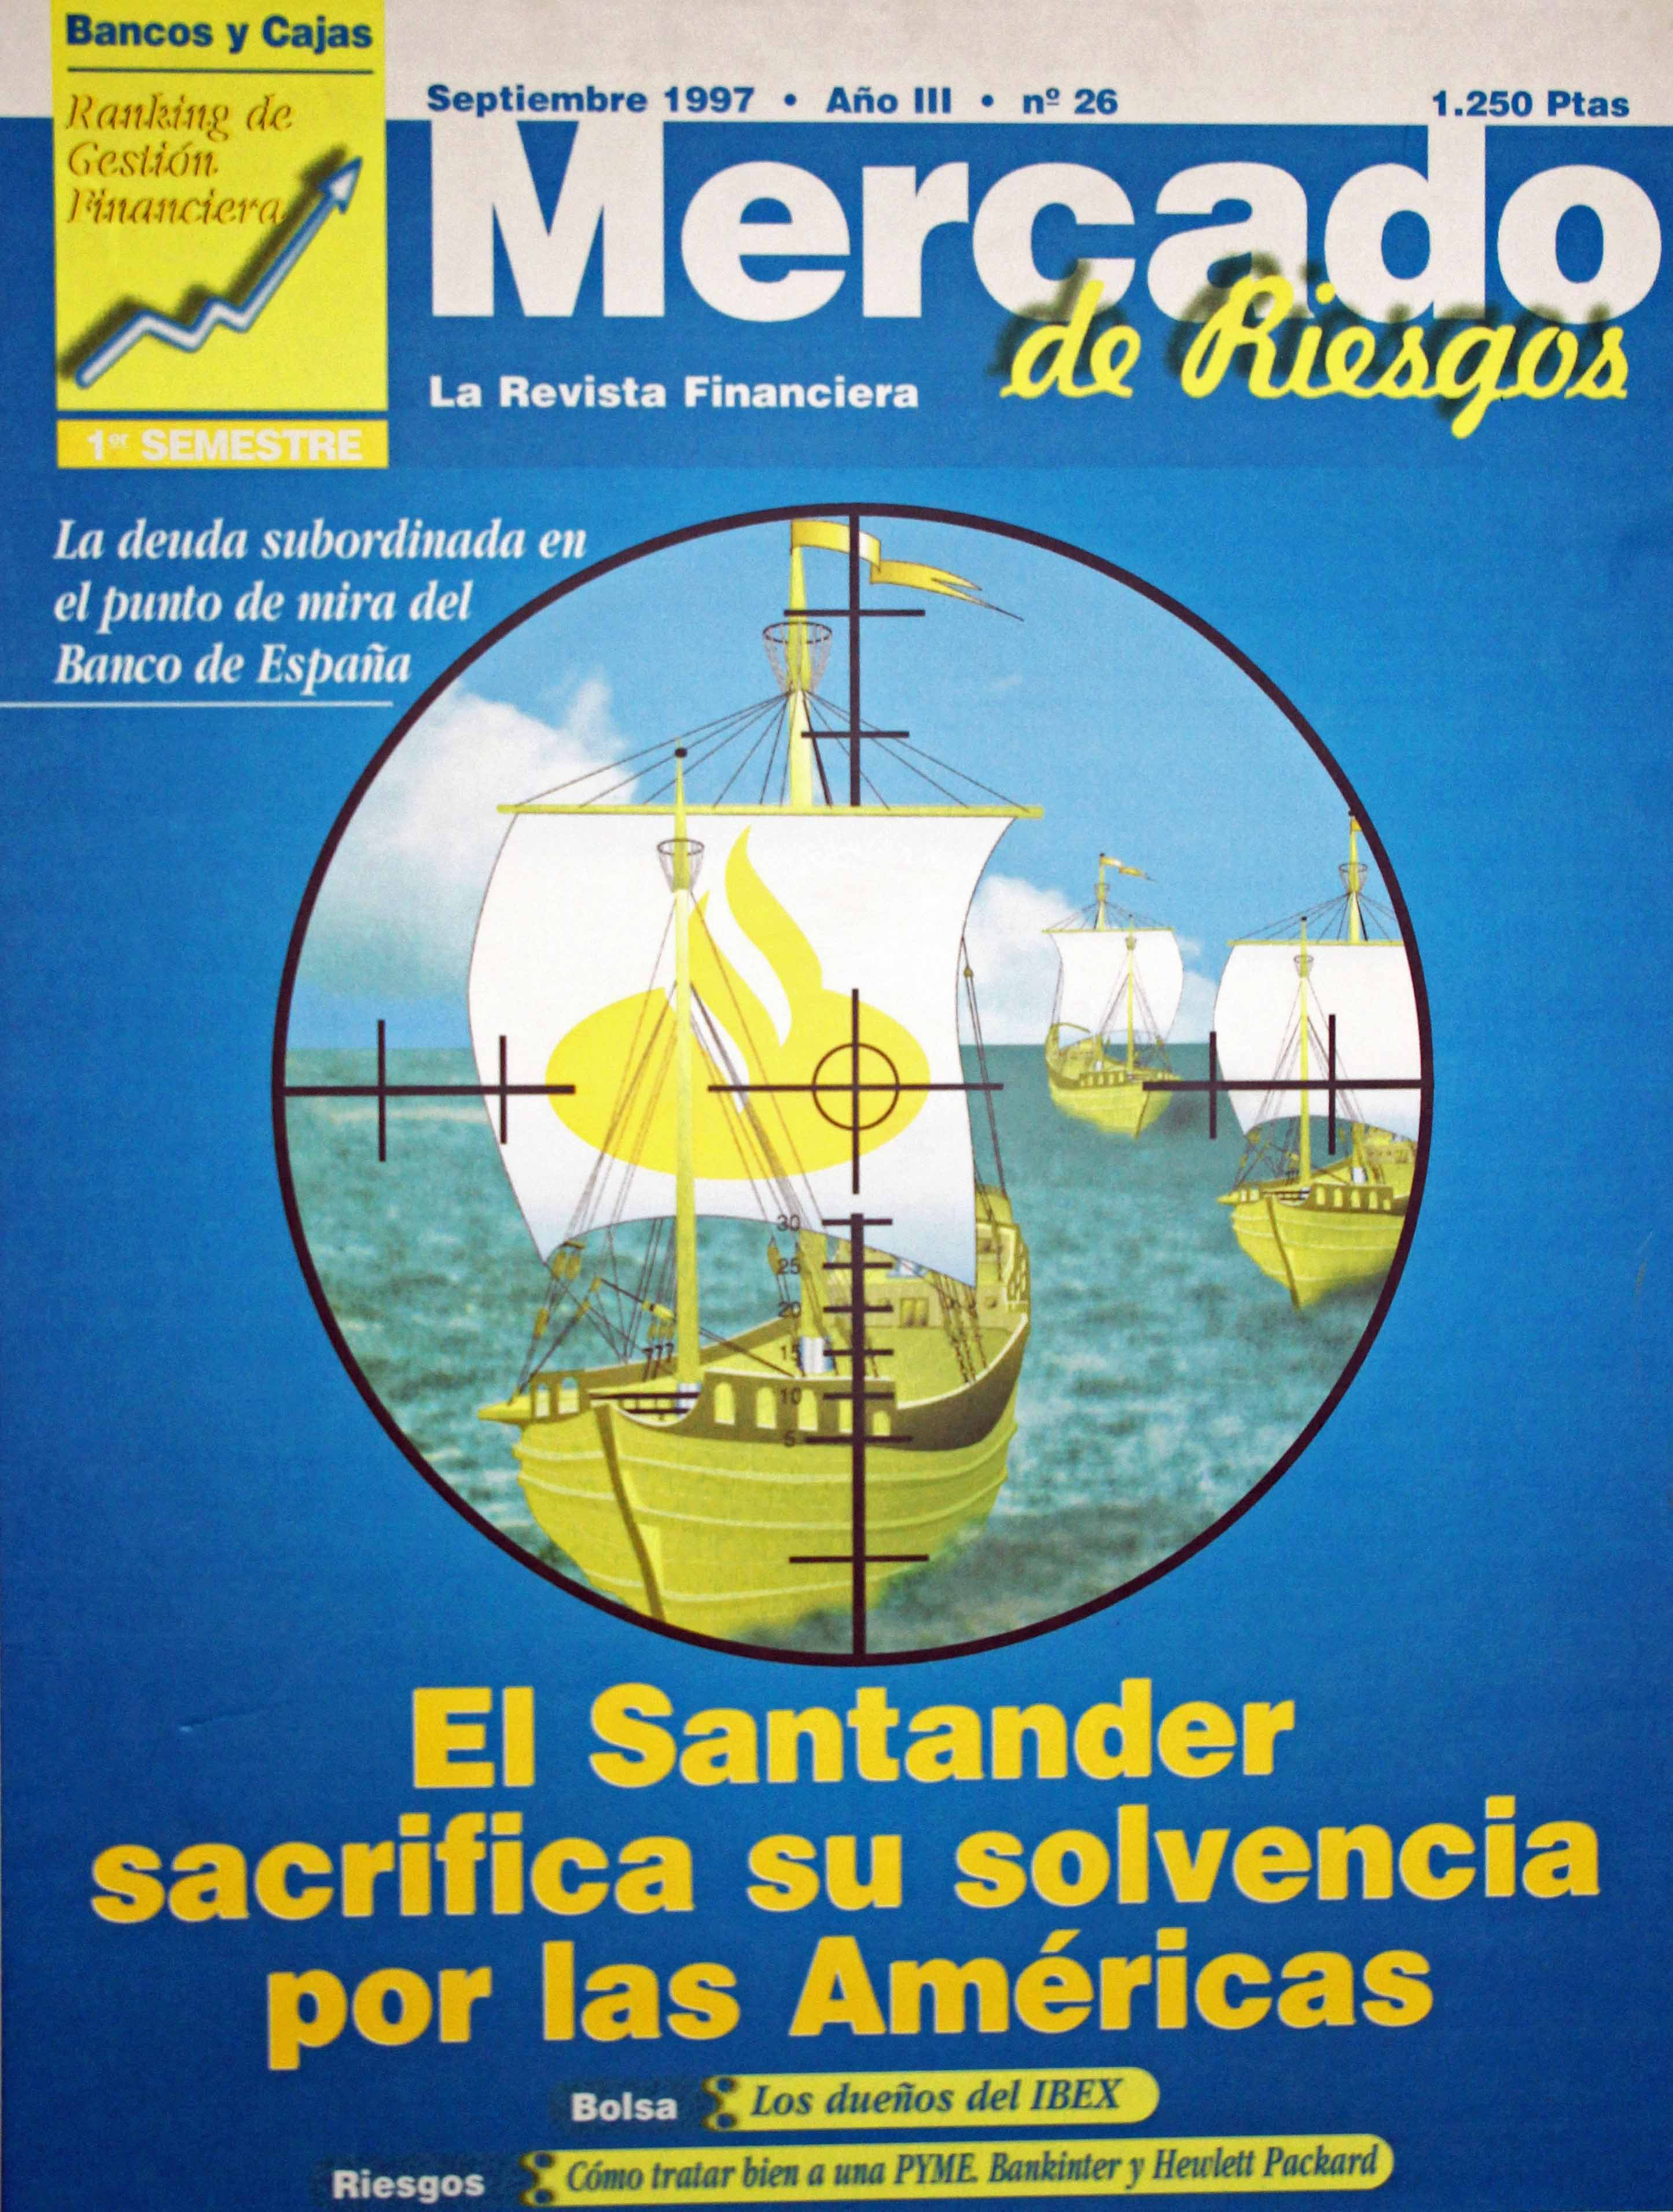 Santander sacrifica su solvencia por las Américas